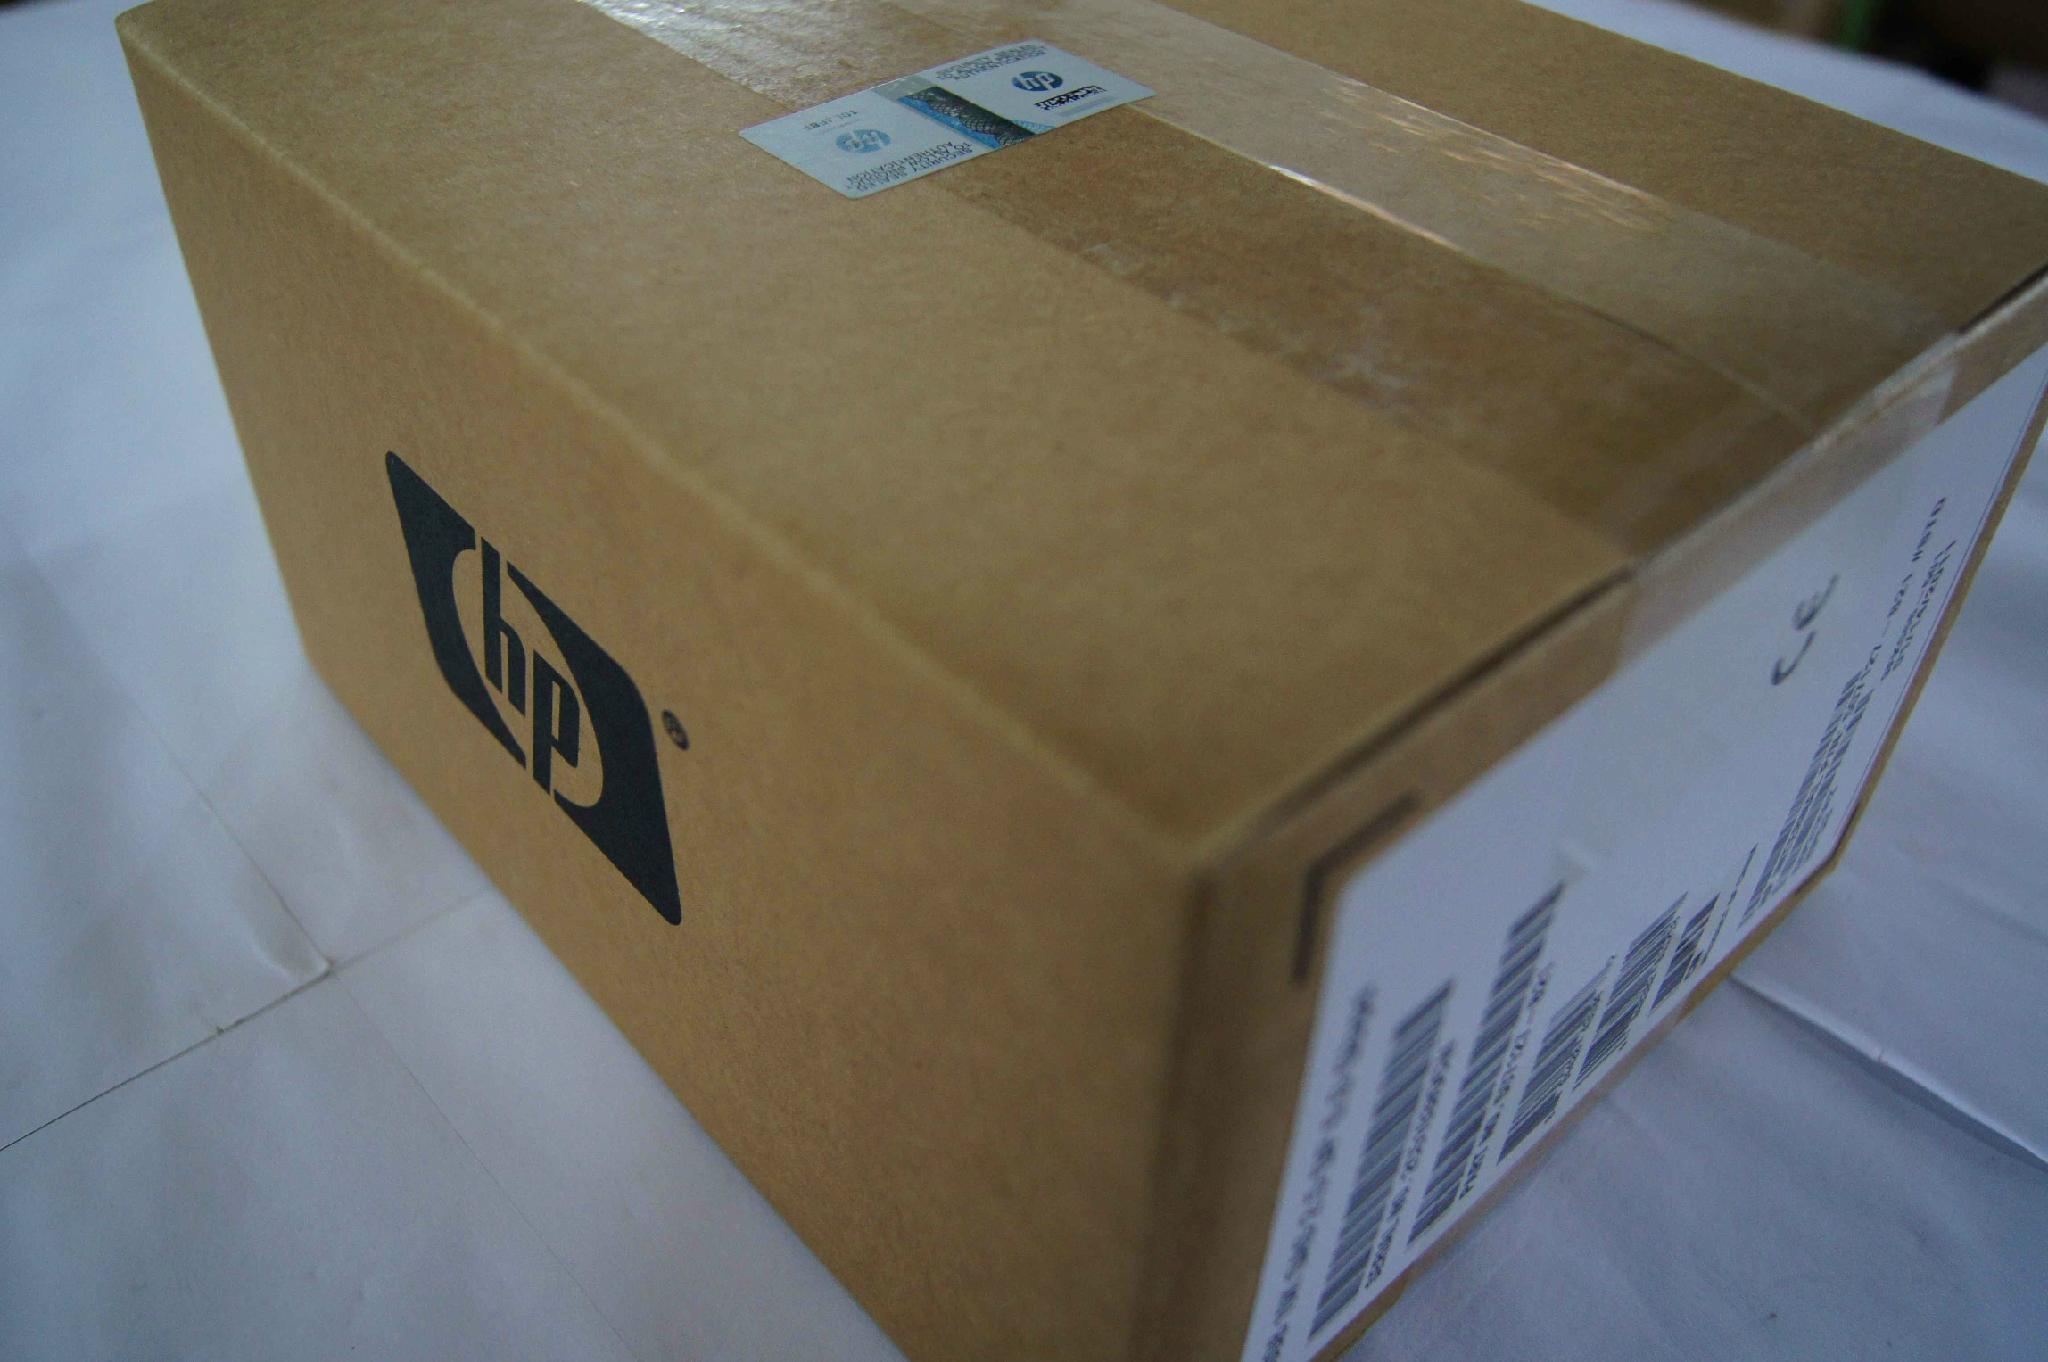 """492620-B21 507127-B21 493083-001 507284-001 300GB 2.5""""  Dual Port SAS 10K HDD 1"""